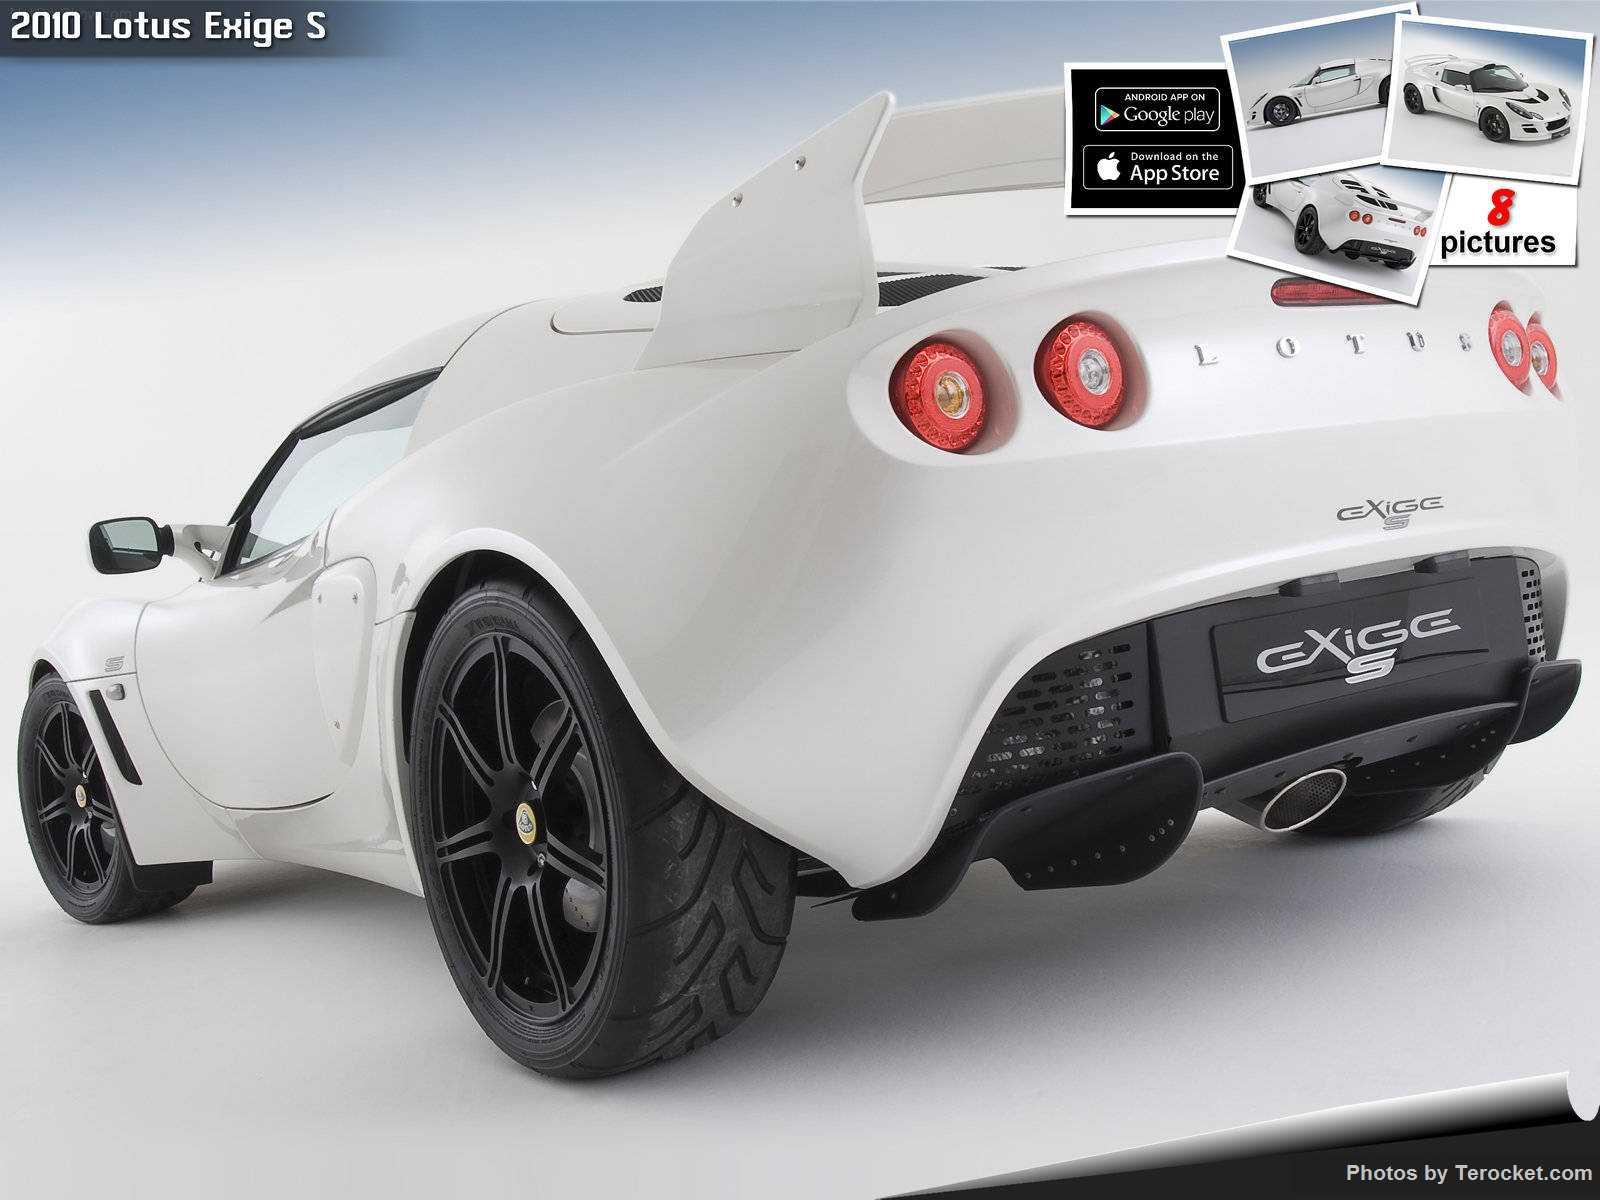 Hình ảnh siêu xe Lotus Exige S 2010 & nội ngoại thất